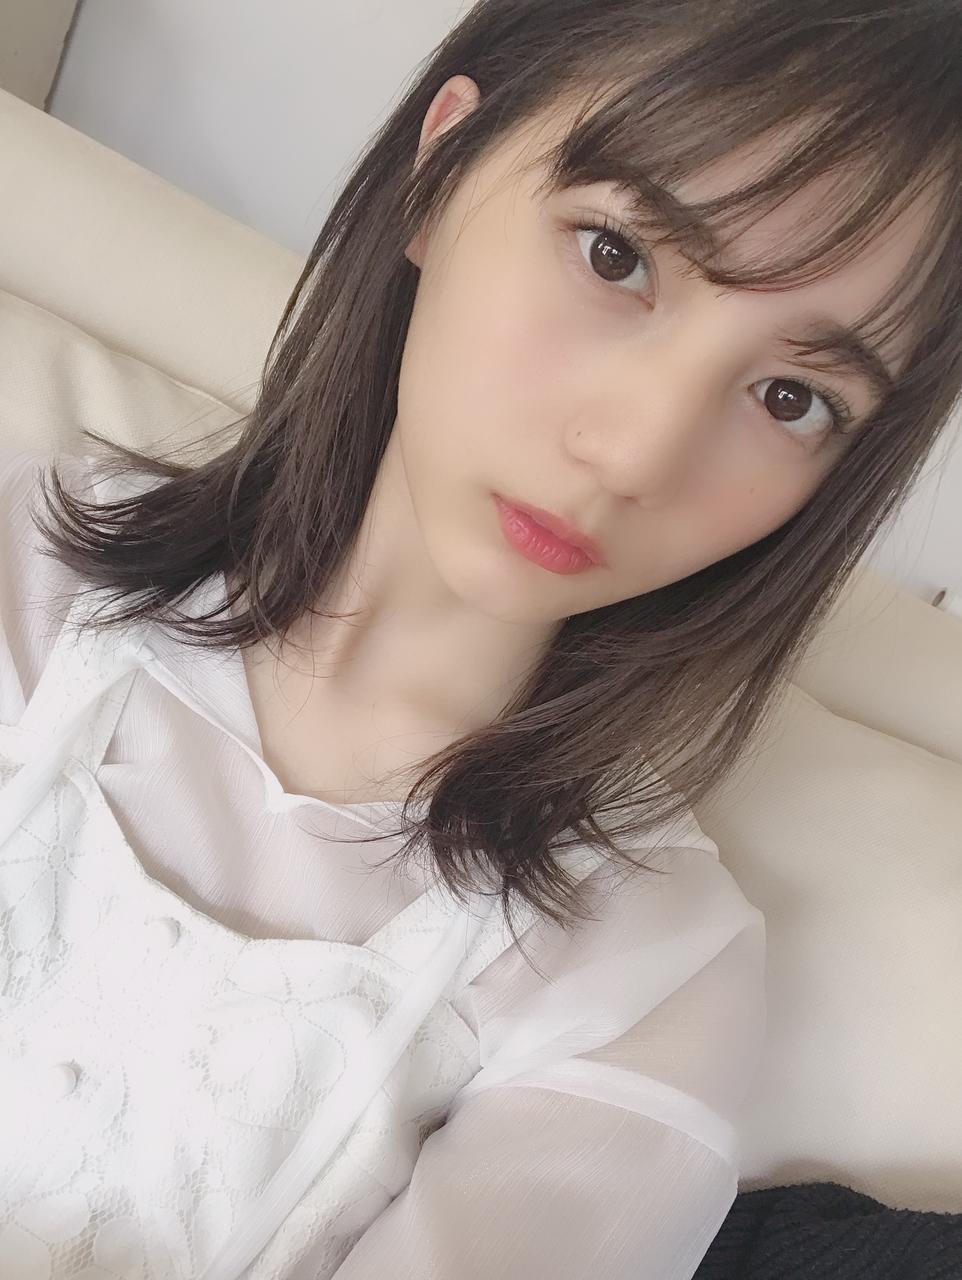 日向坂46メンバーブログまとめ2019年4月1日